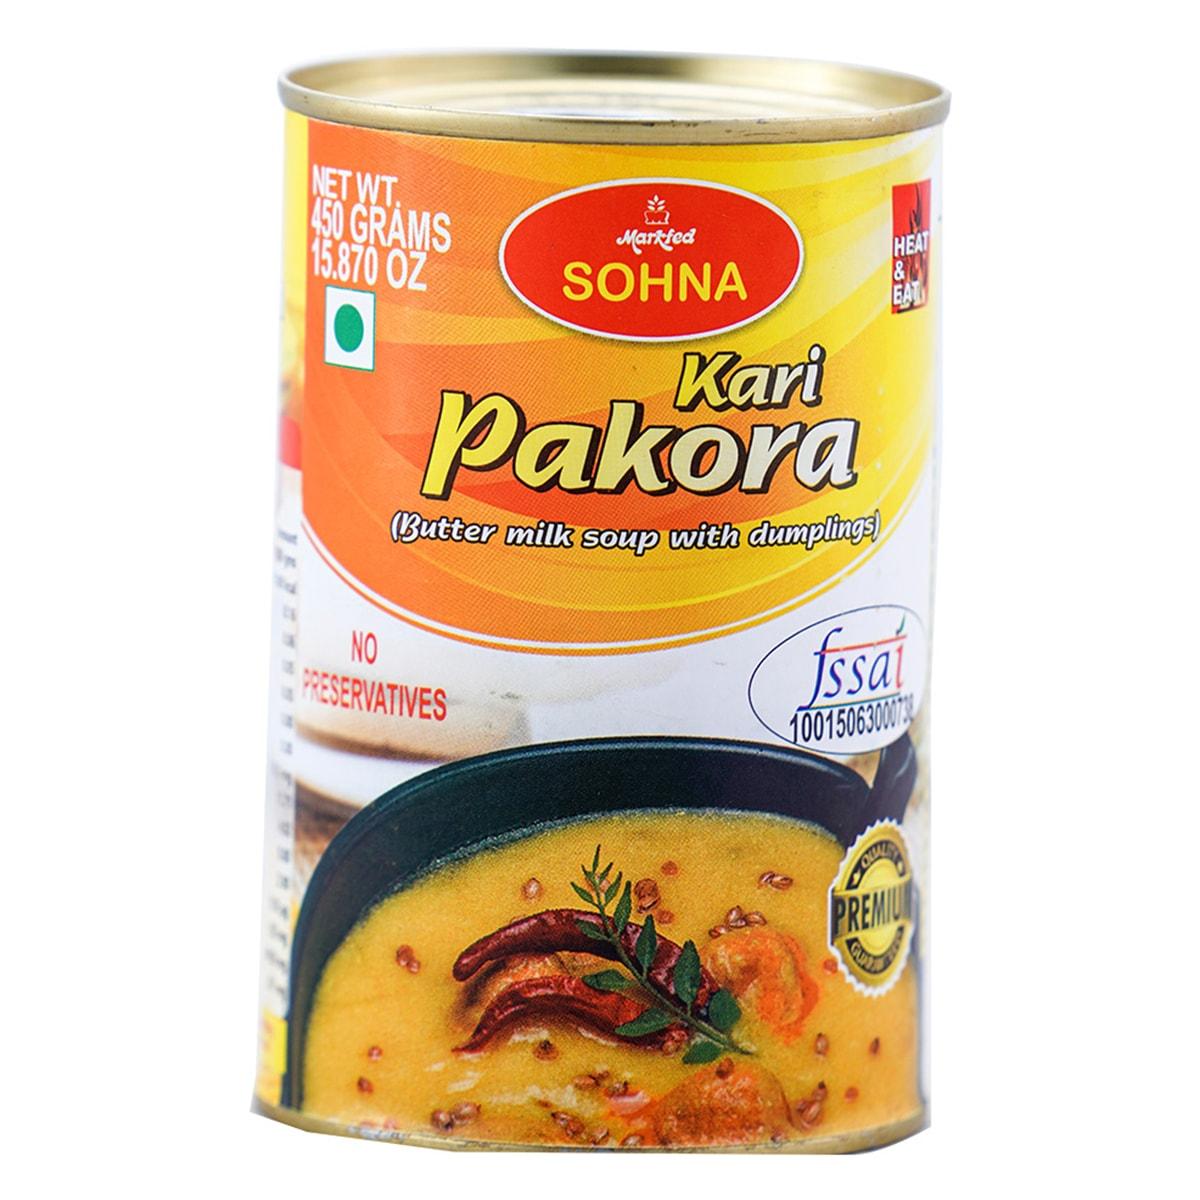 Buy Markfed Sohna Kari Pakora (Butter Milk Soup with Dumplings) - 450 gm